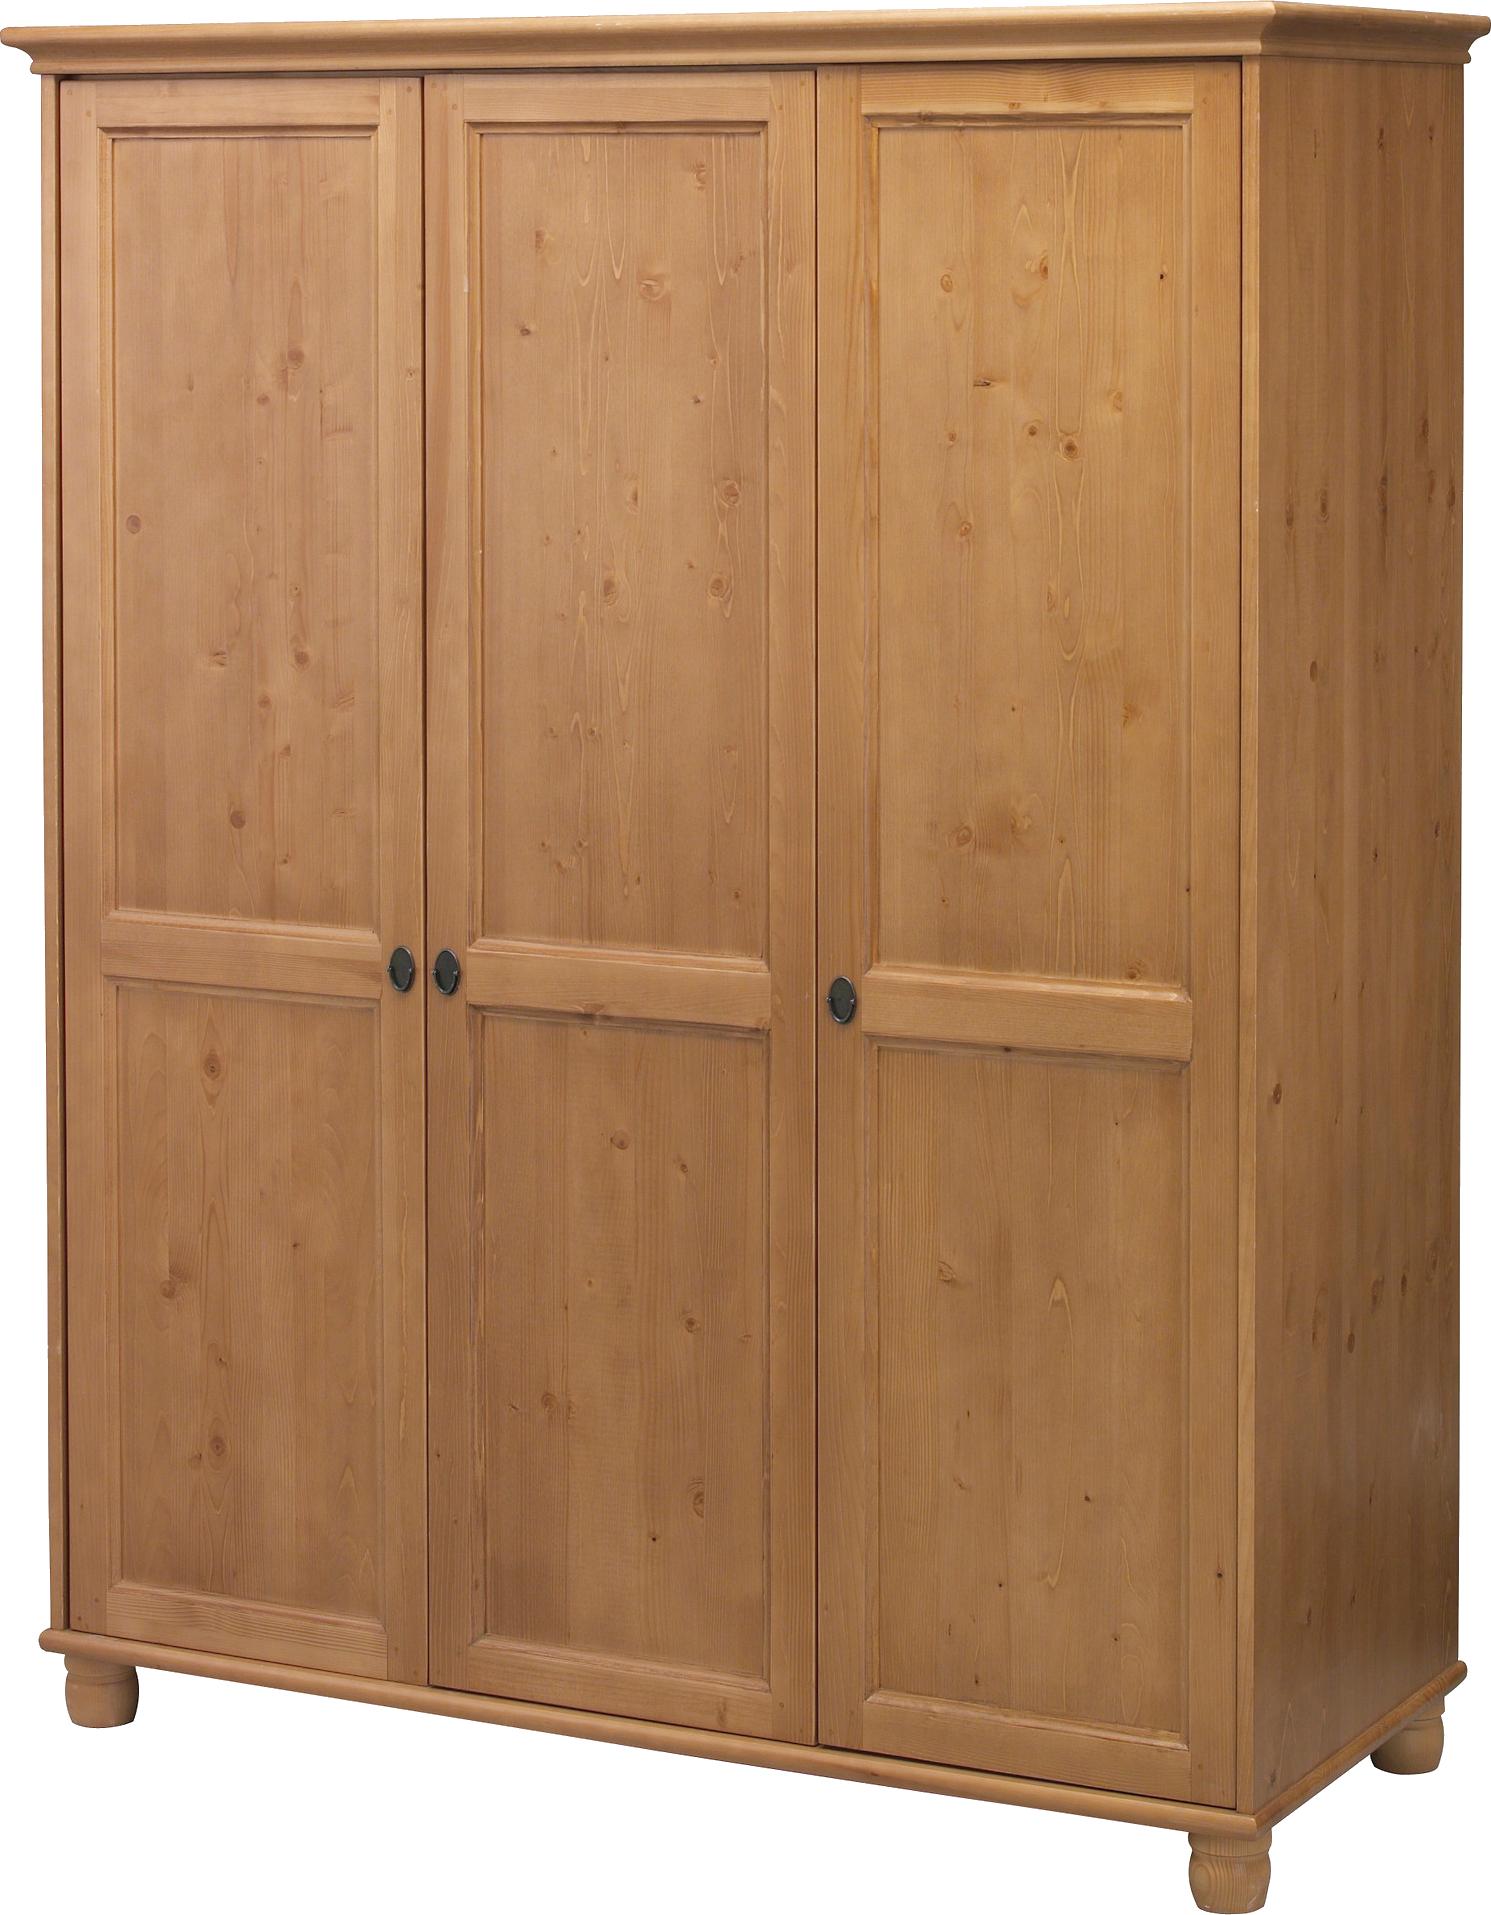 Wardrobe Hd Png Ikea Leksvik Wardrobe 1385746 Hd